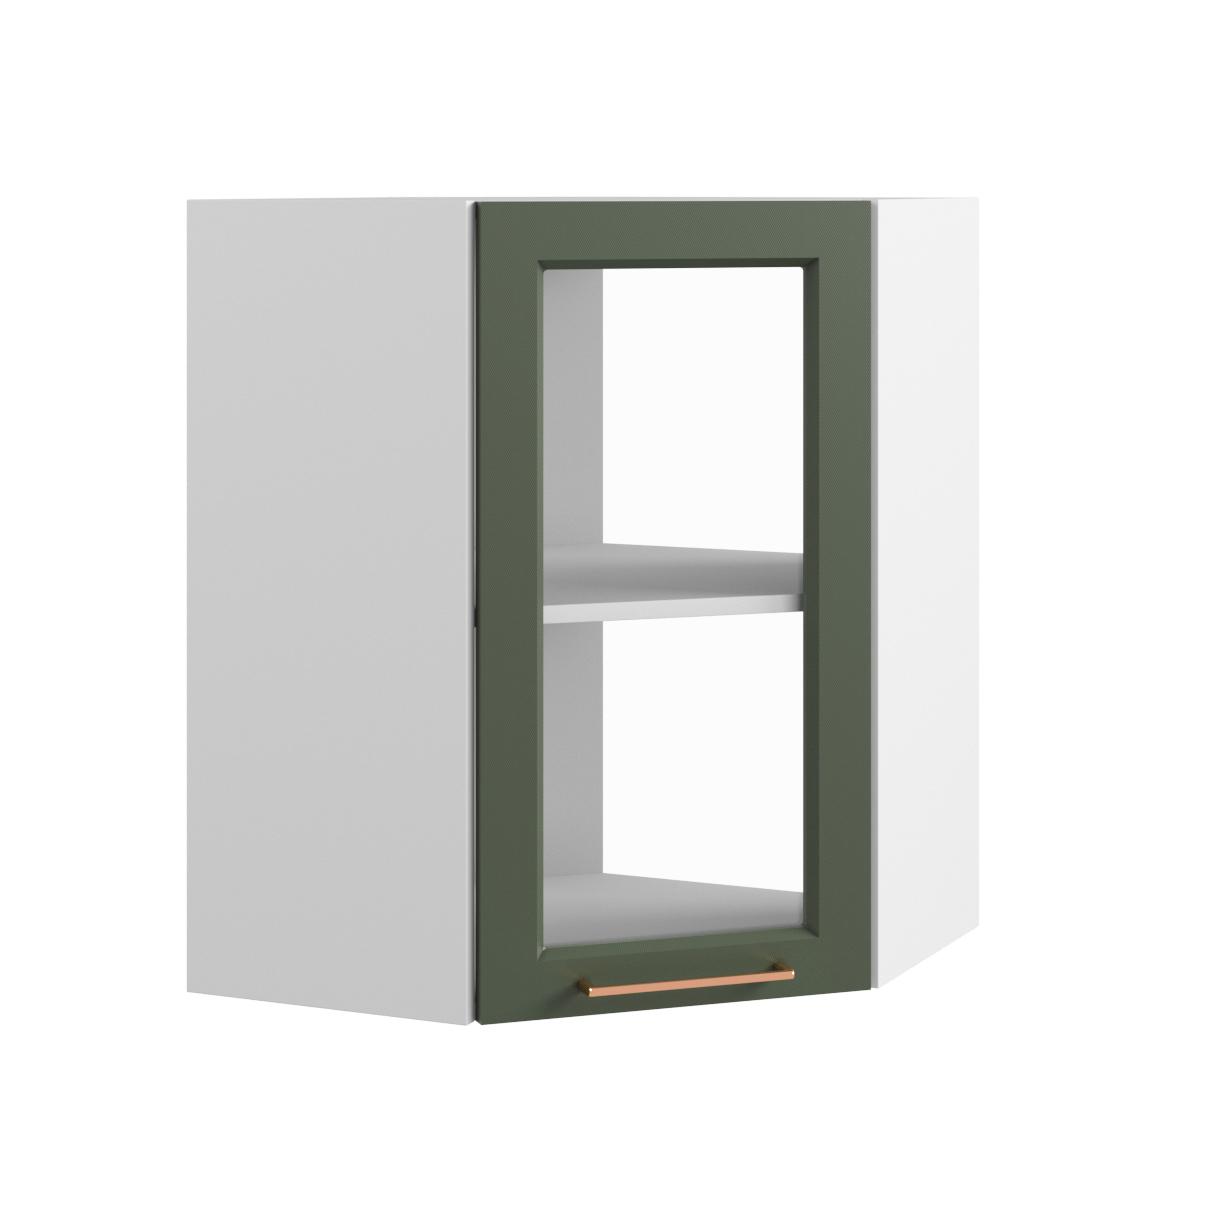 Кухня Квадро ПУС 550 Шкаф верхний  угловой стекло